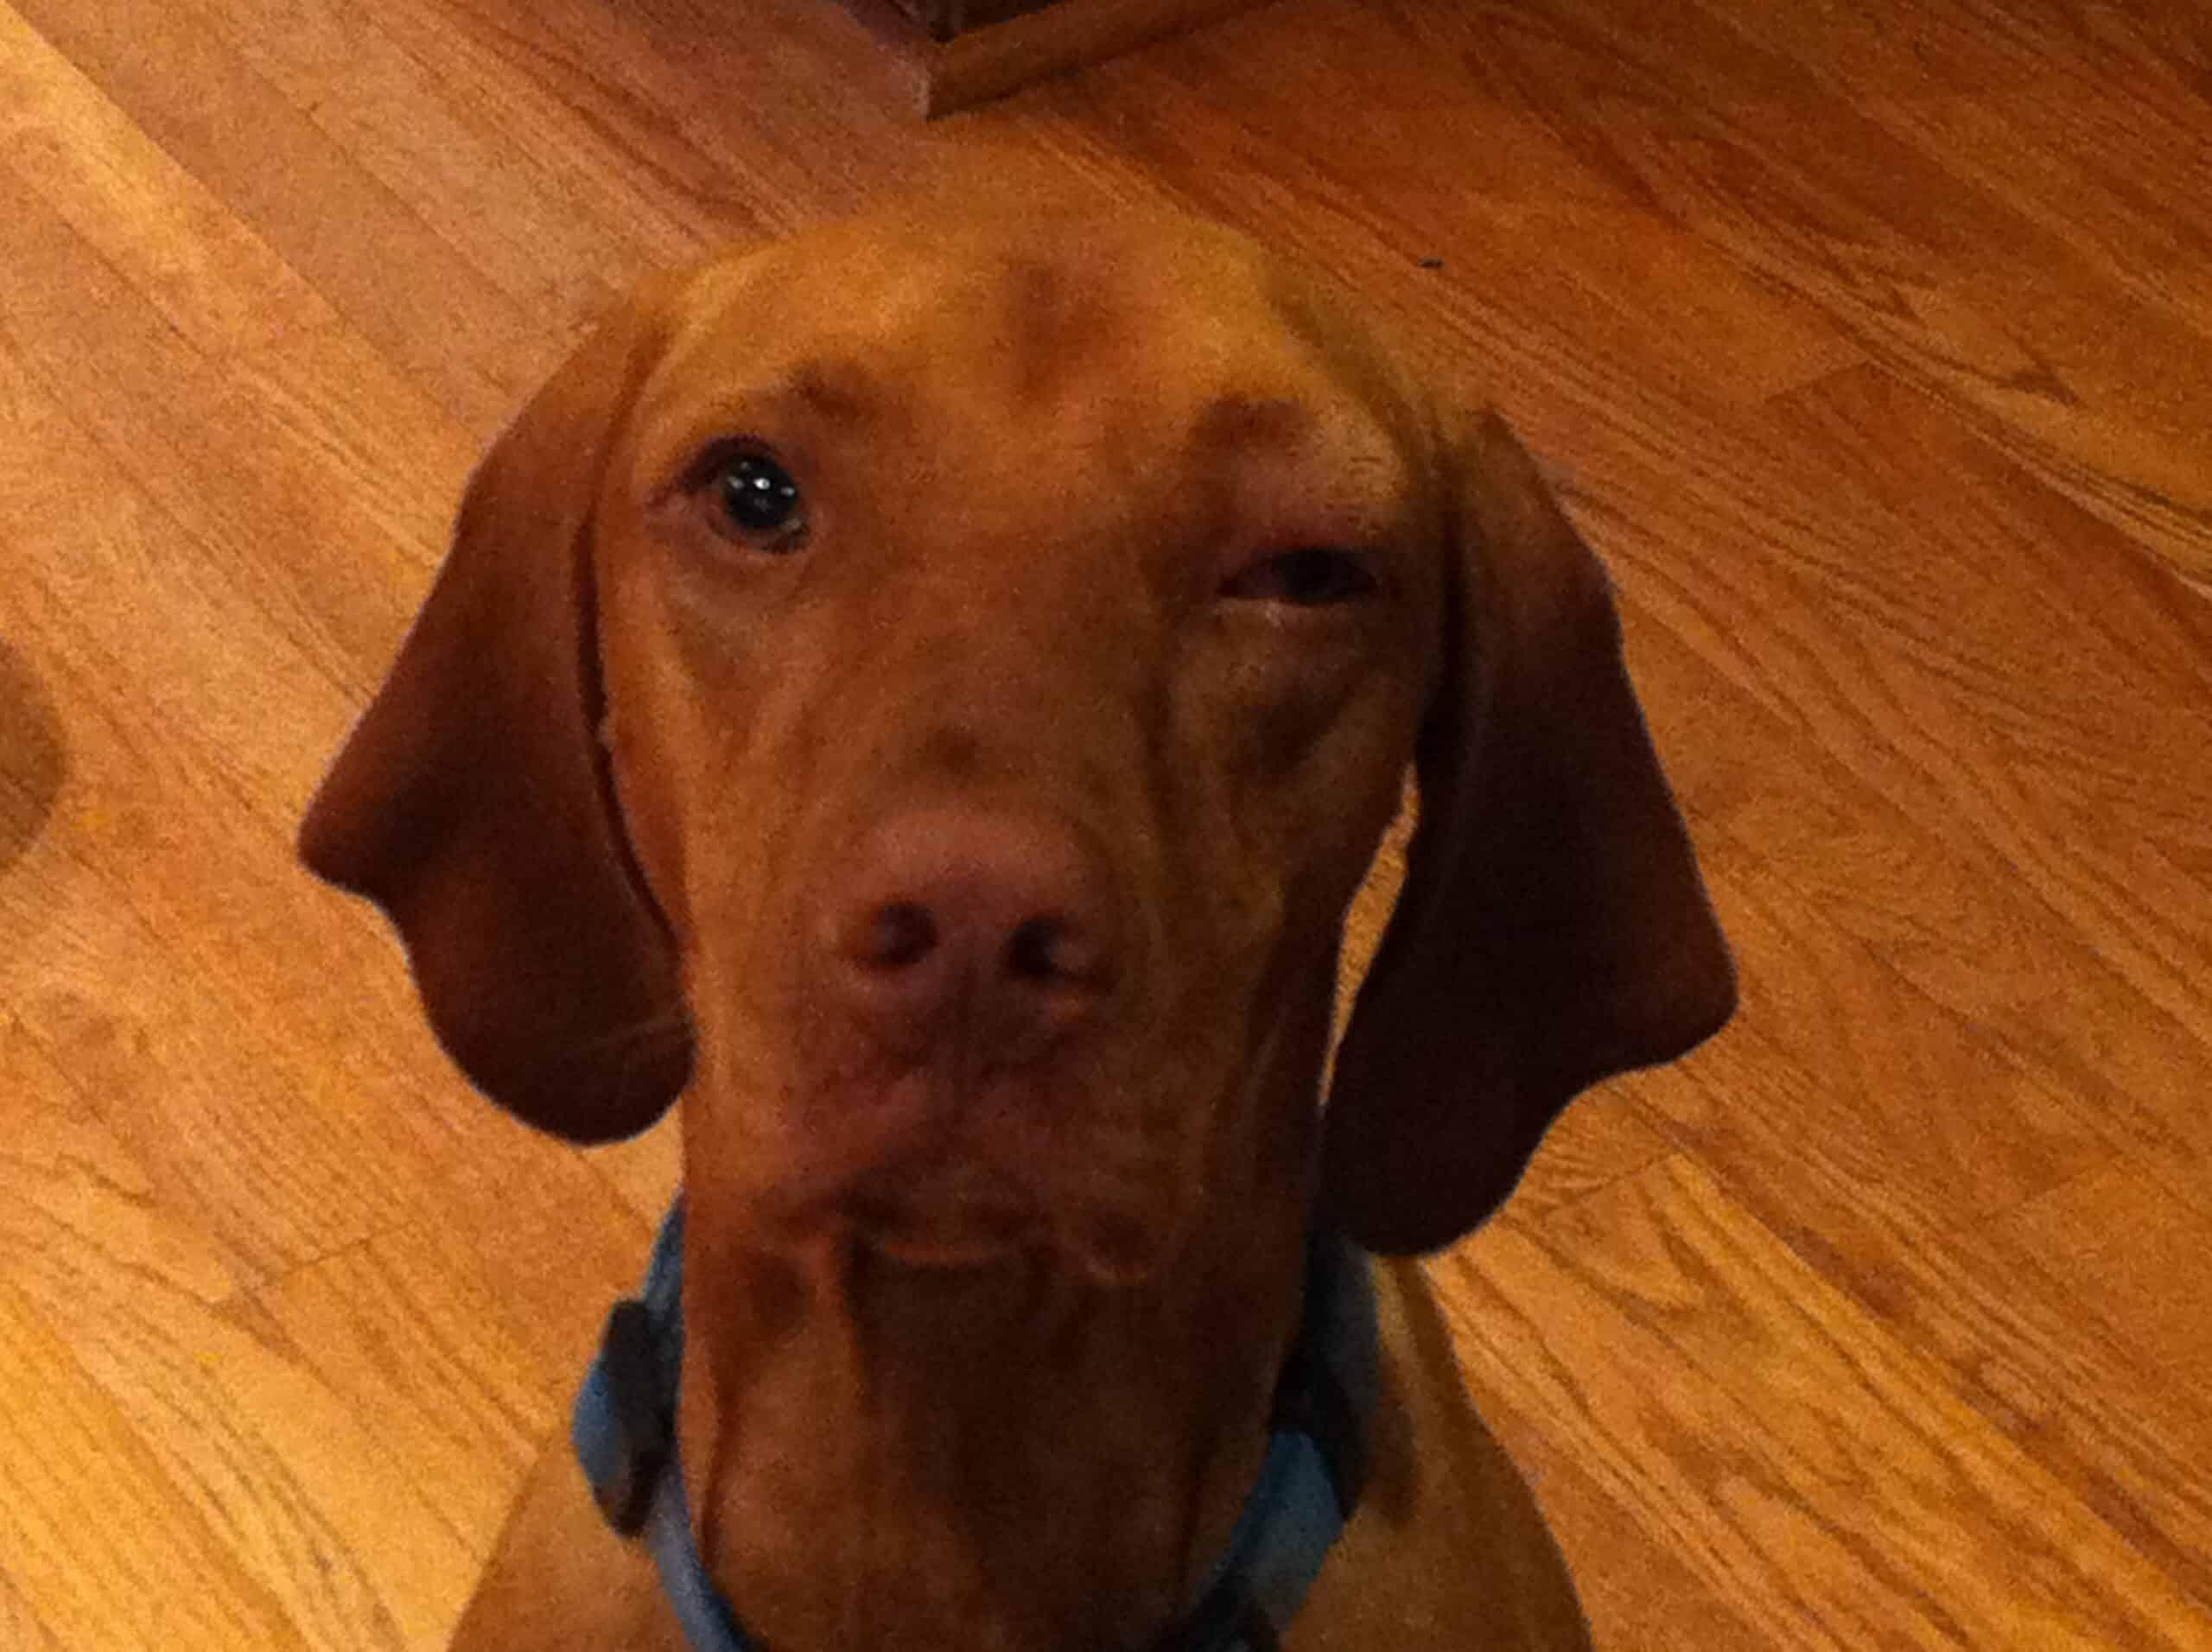 dog swollen eye